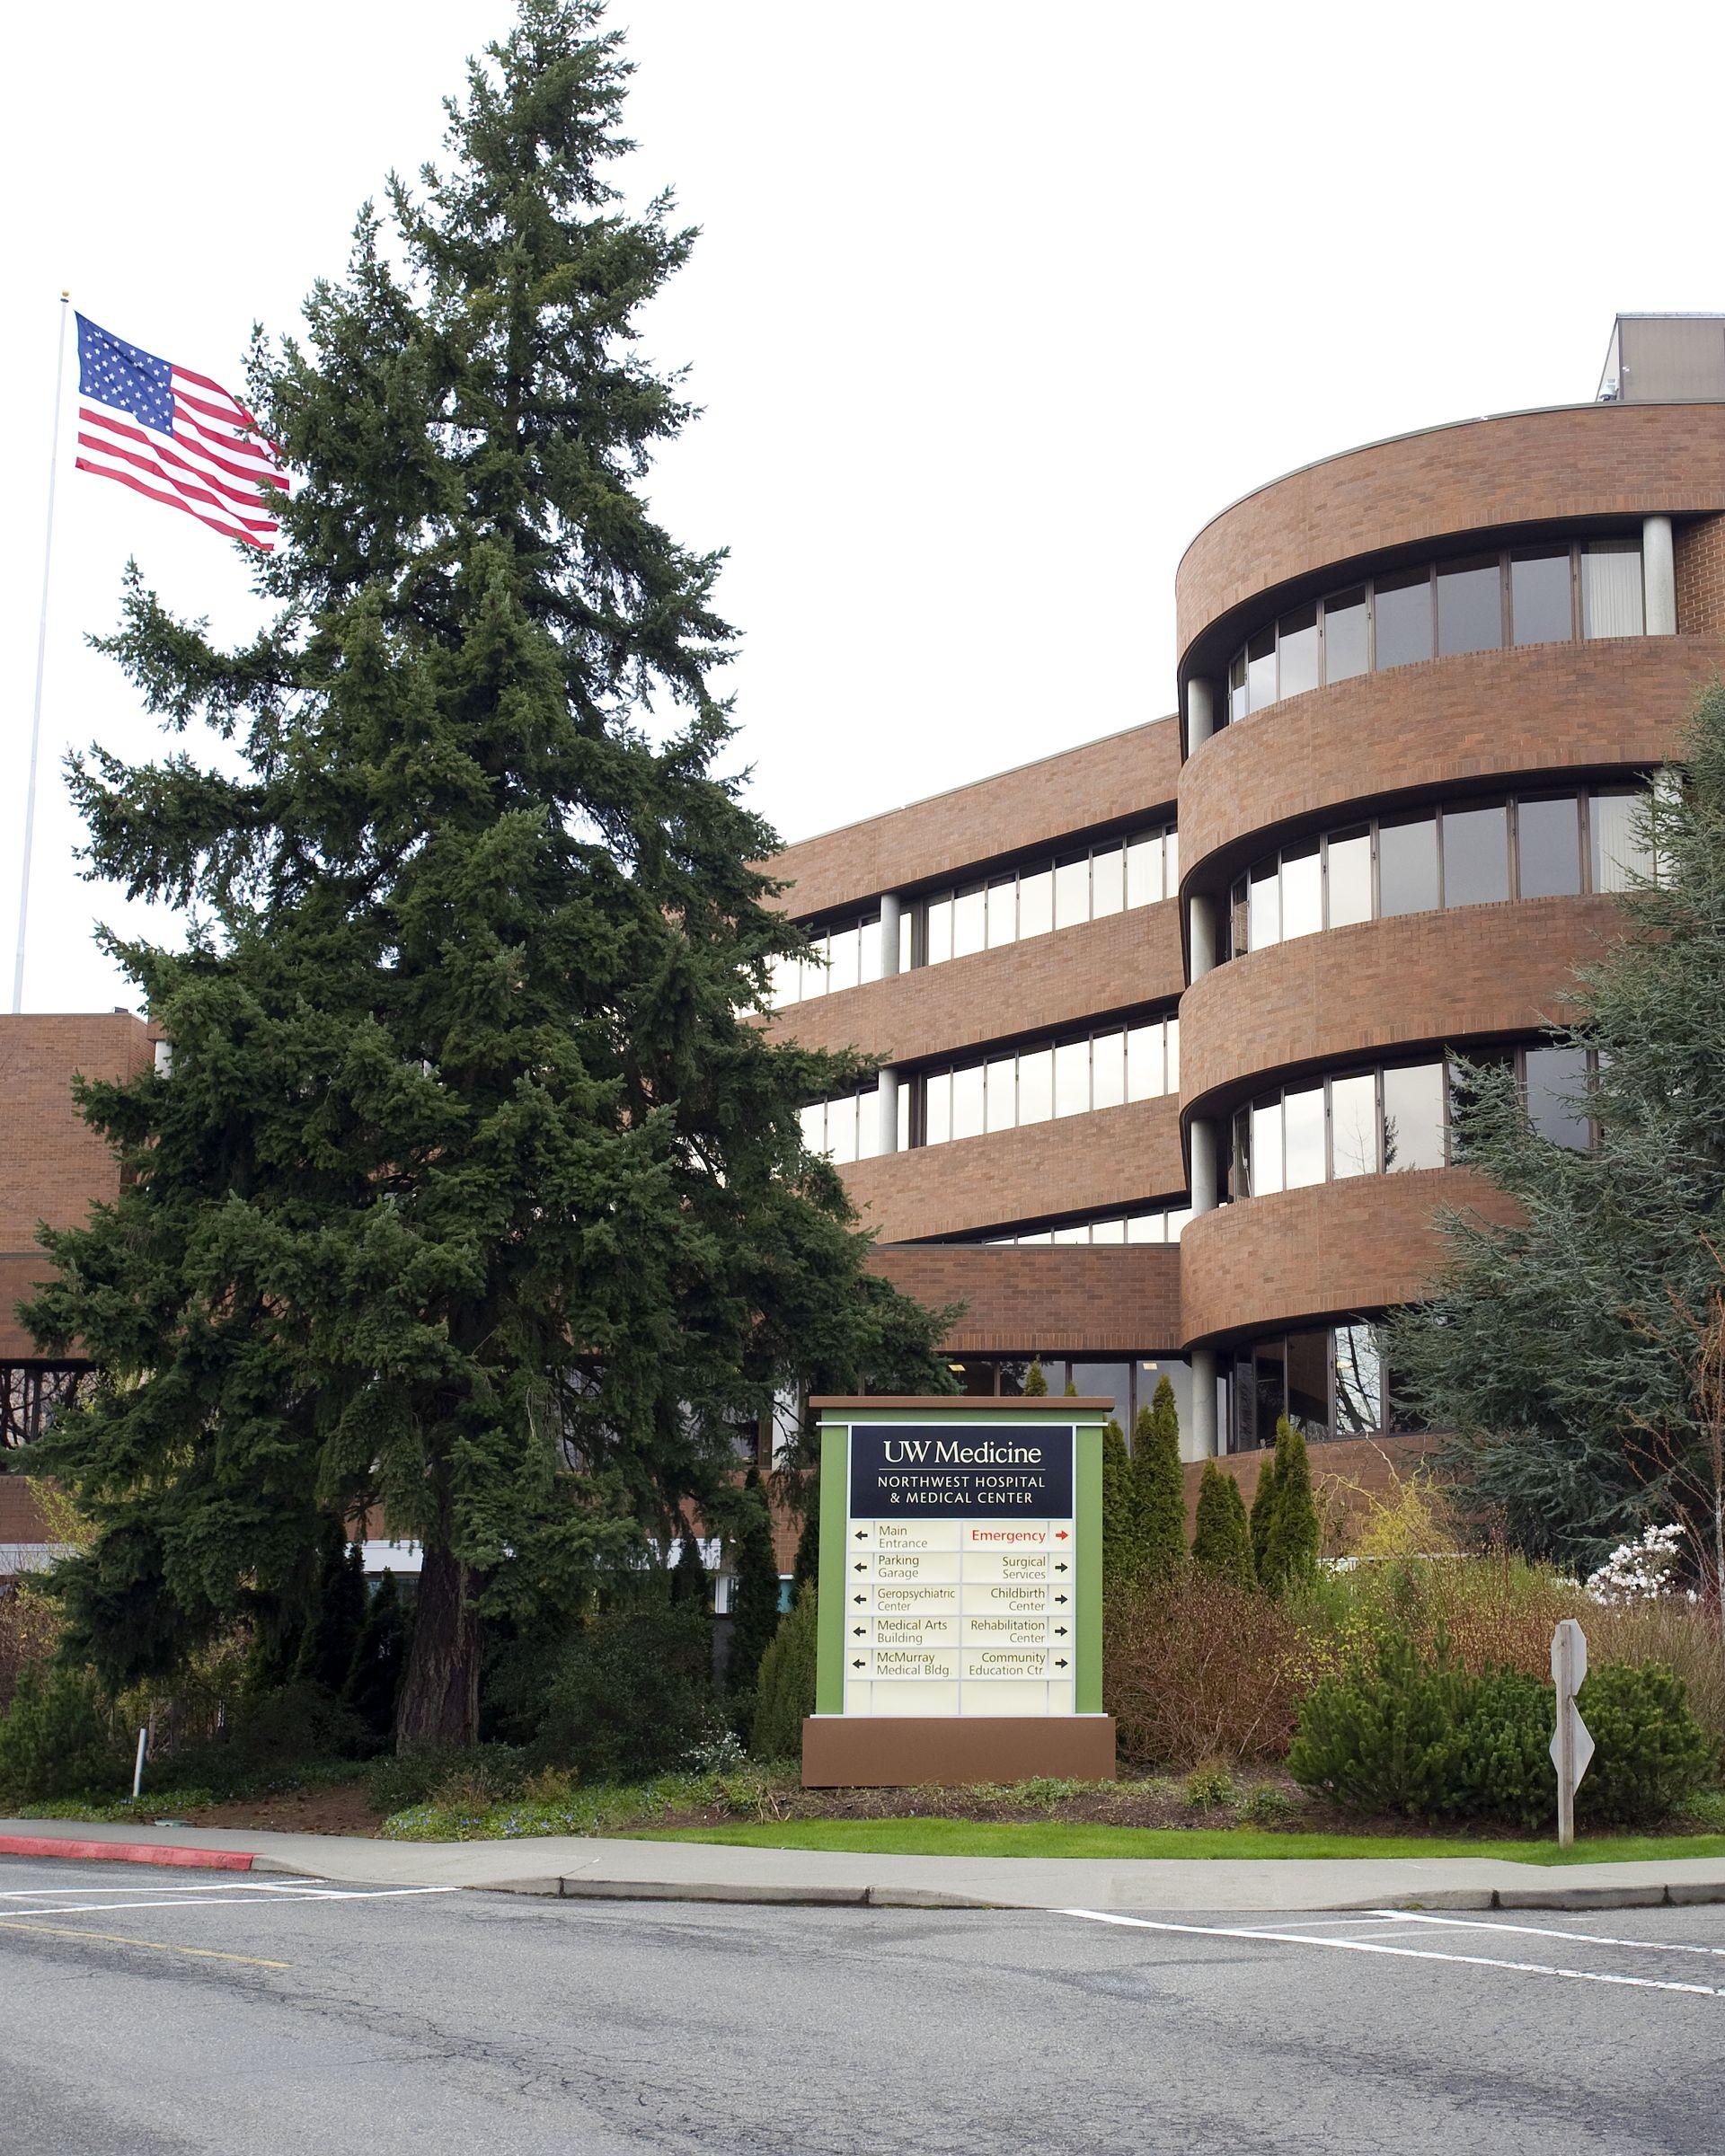 northwest hospital medical center wikipedia. Black Bedroom Furniture Sets. Home Design Ideas